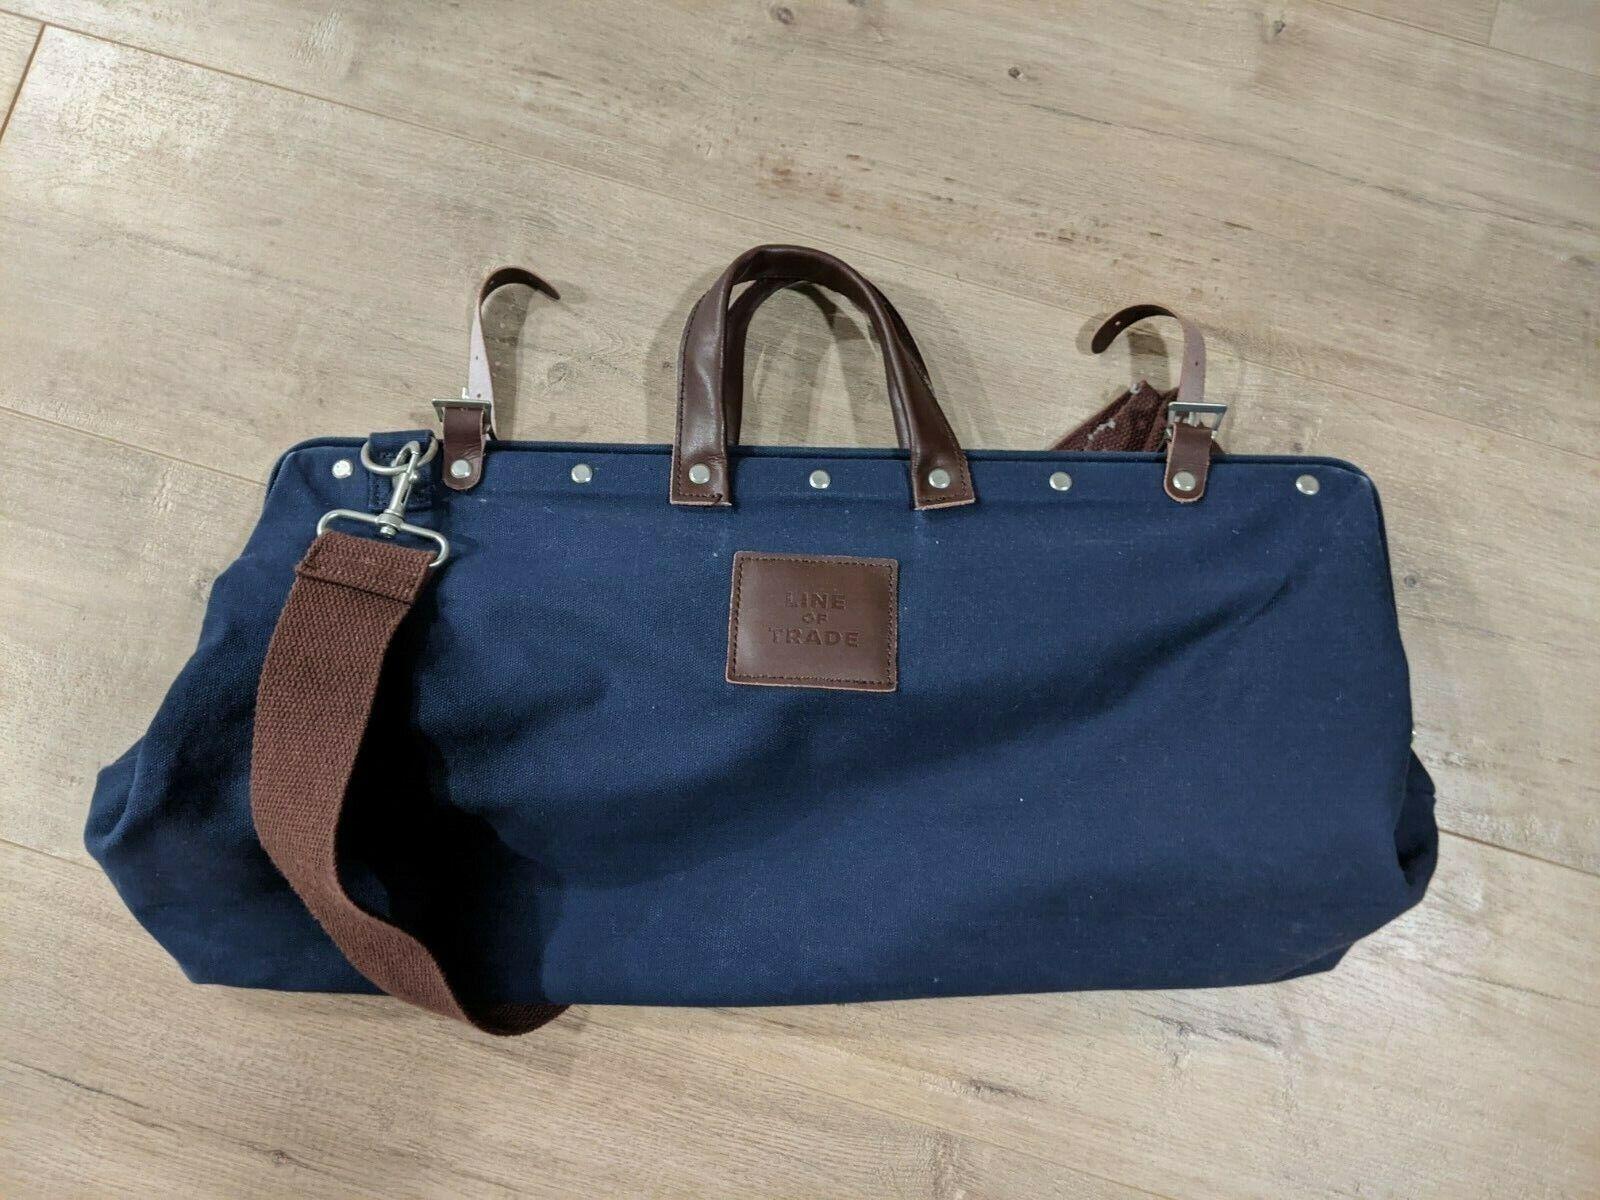 LINE OF TRADE Unisex BESPOKE POST LEATHER HANDLES Navy Blue WEEKENDER BAG Used - $20.00